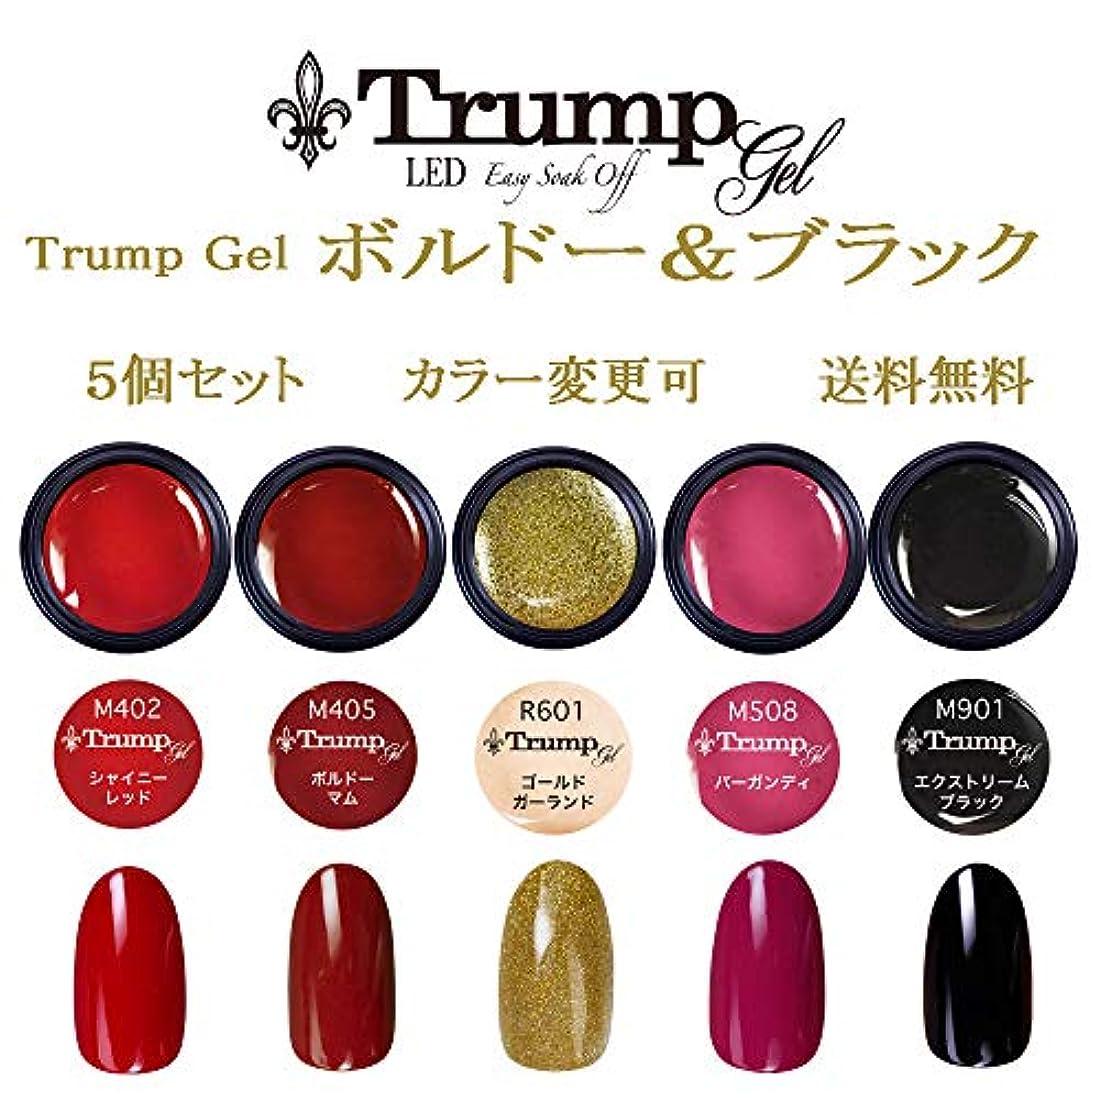 適応的危険静かに日本製 Trump gel トランプジェル ボルドー & ブラック ネイル 選べる カラージェル 5個セット ワイン ボルドー ゴールド パープル ブラック